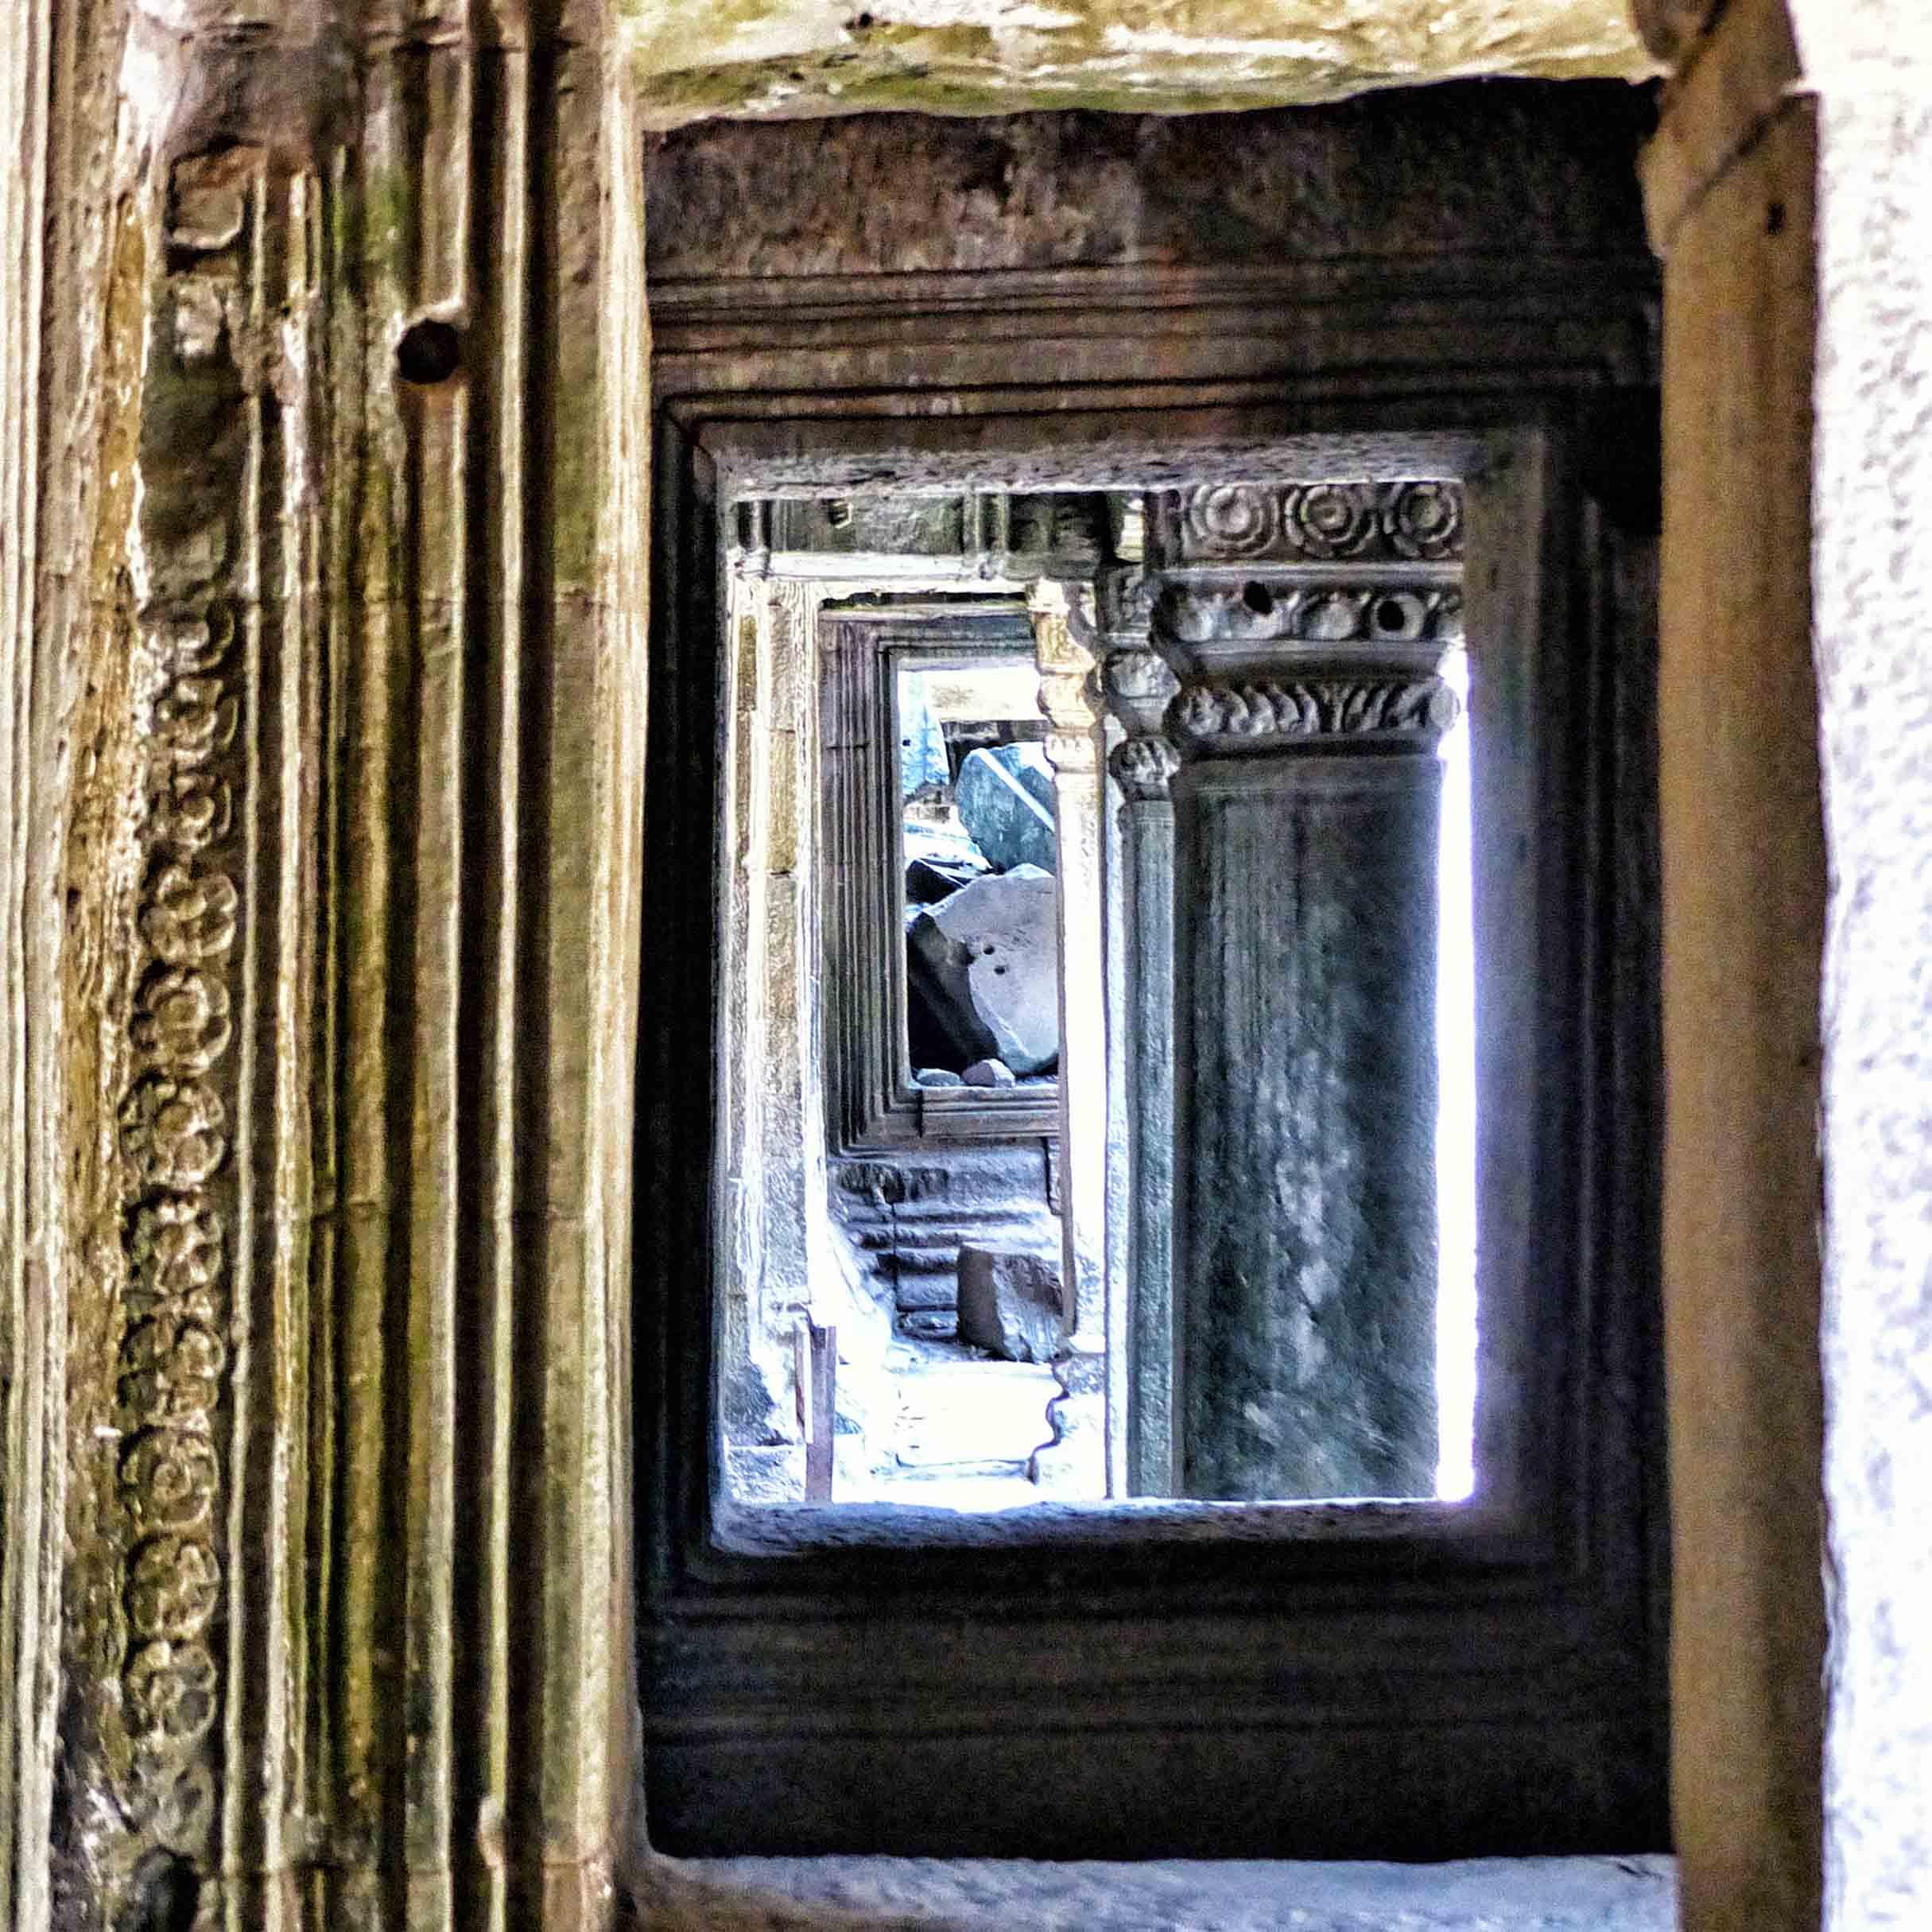 Looking through series of carved doorways